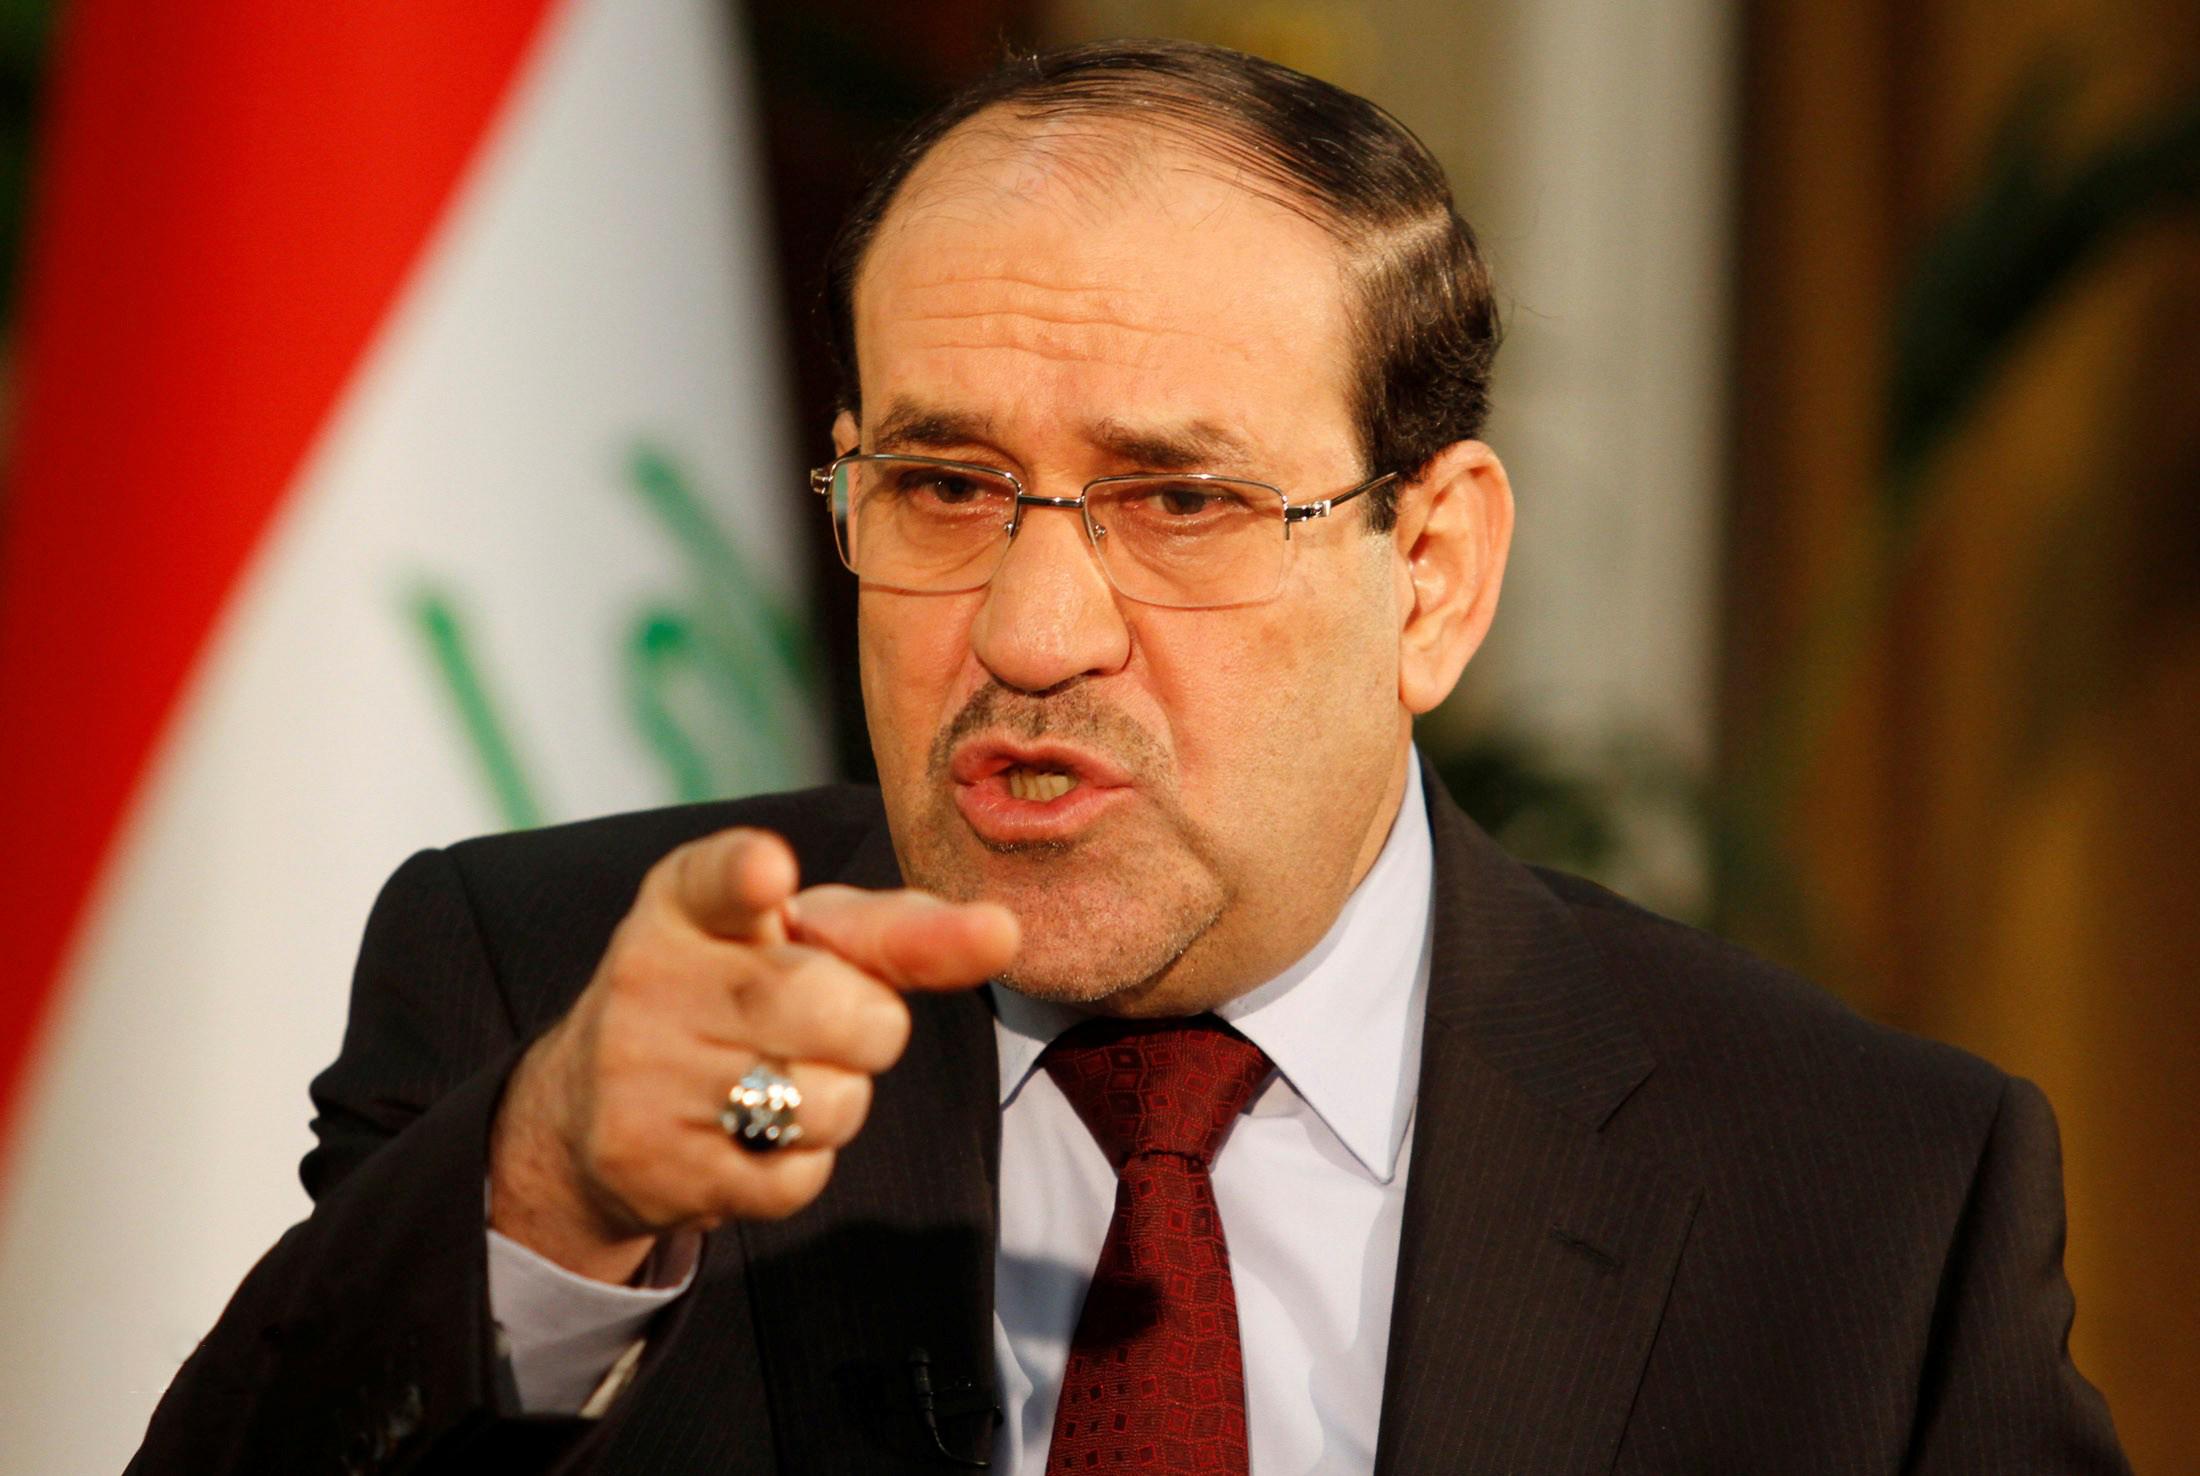 المالكي:أهل الموصل هم الذين اسقطوا الموصل بمؤامرة